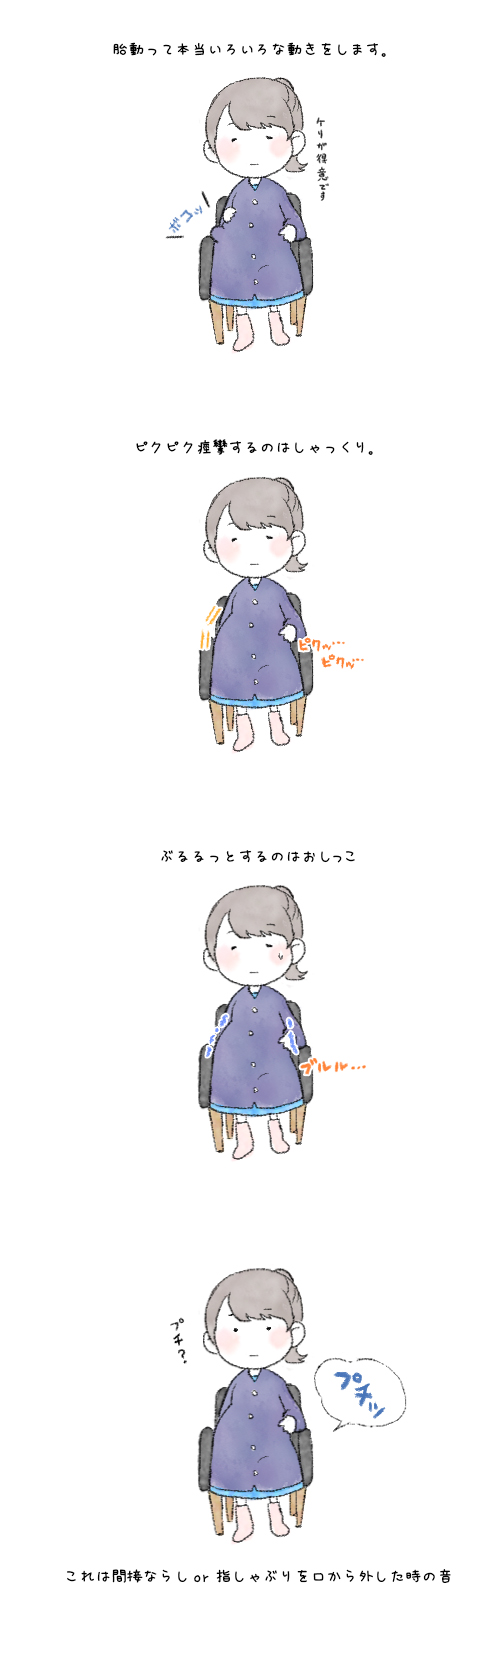 1230_ブログ漫画.jpg